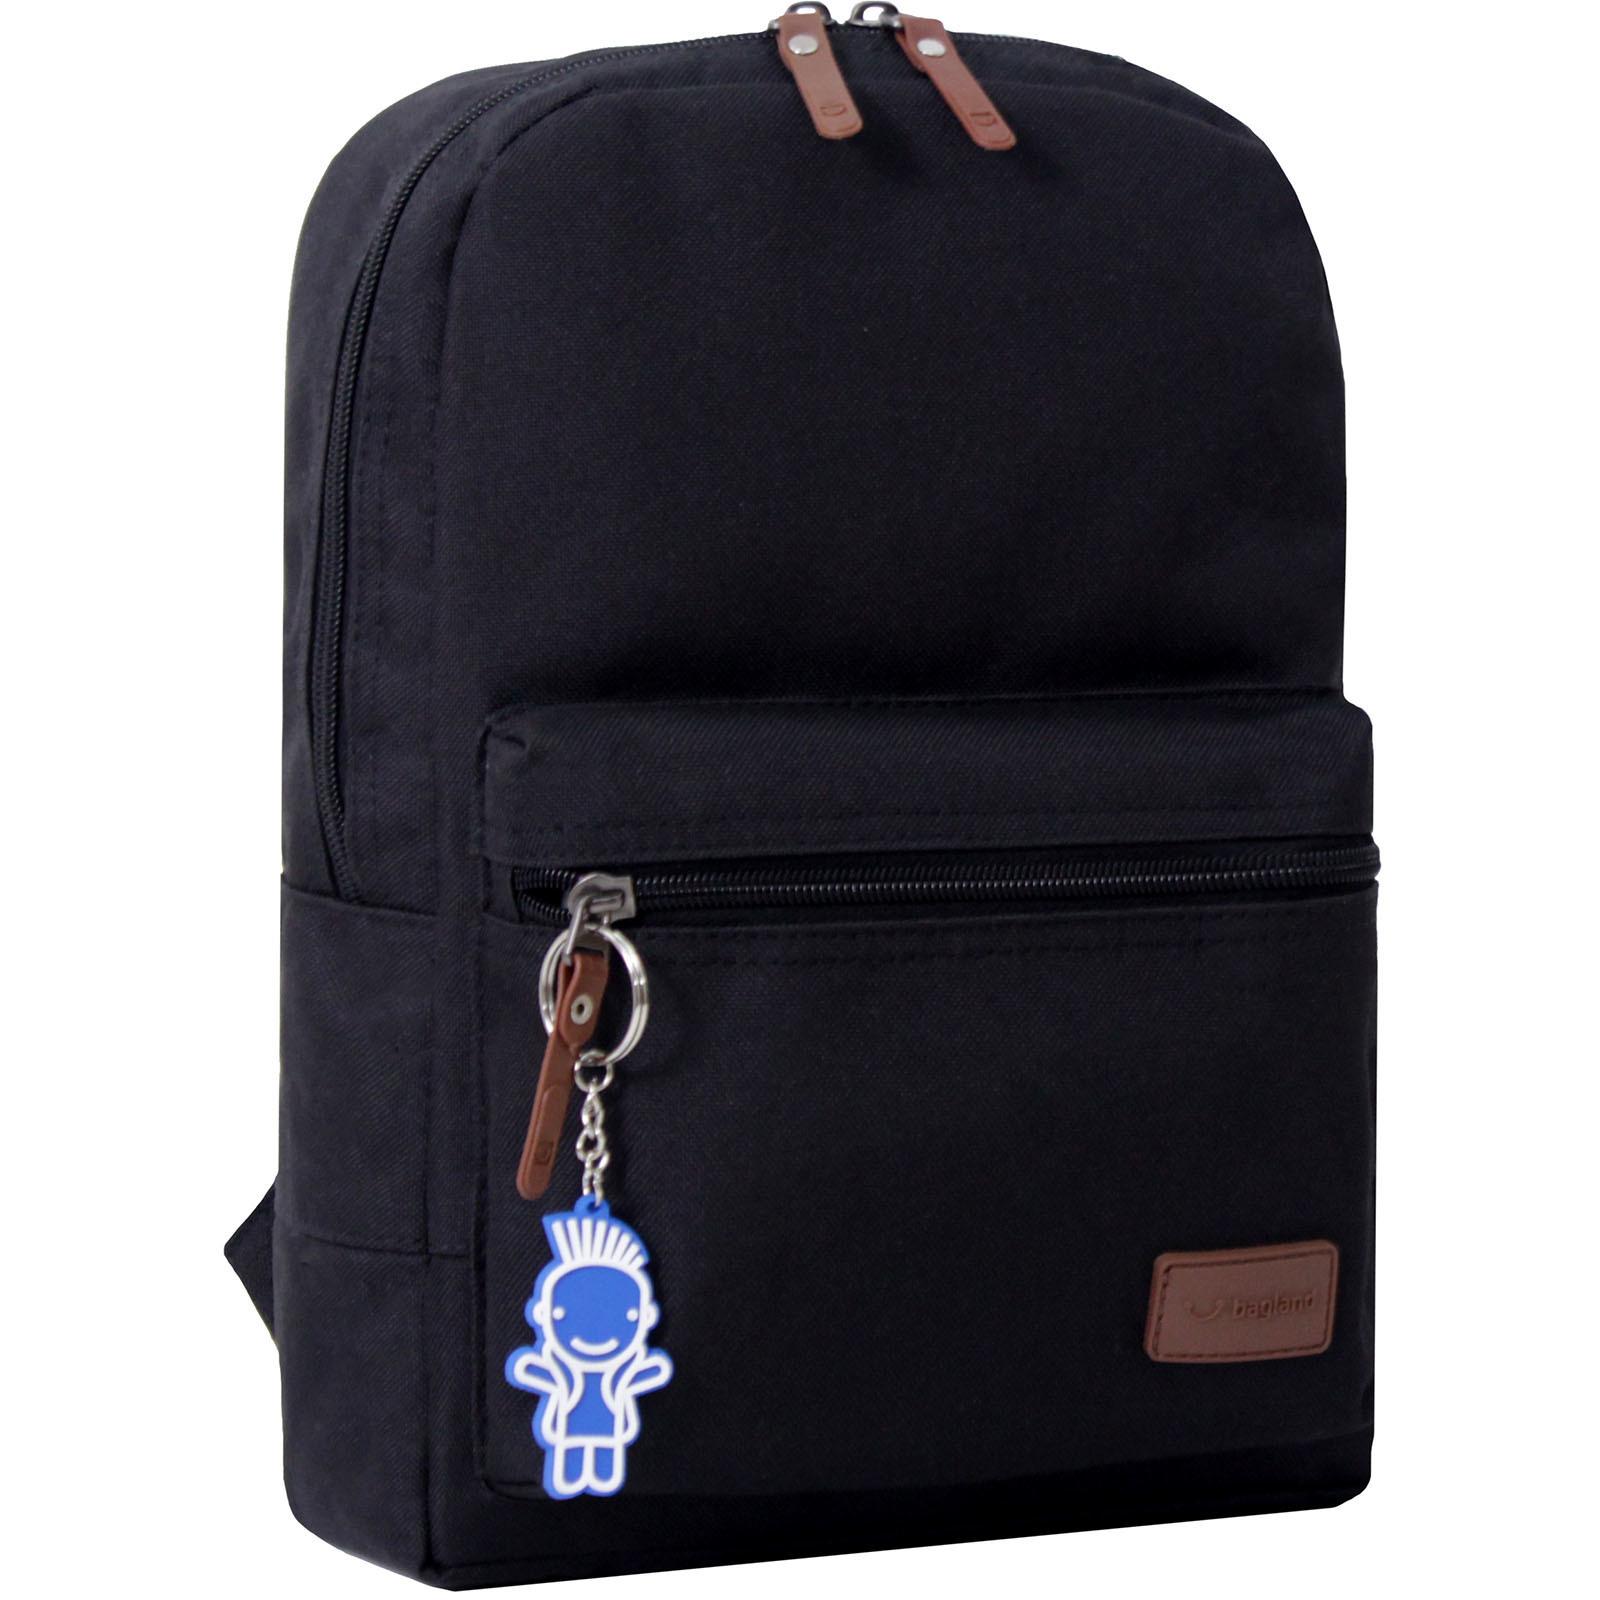 Детские рюкзаки Рюкзак Bagland Молодежный mini 8 л. черный (0050866) IMG_179.JPG